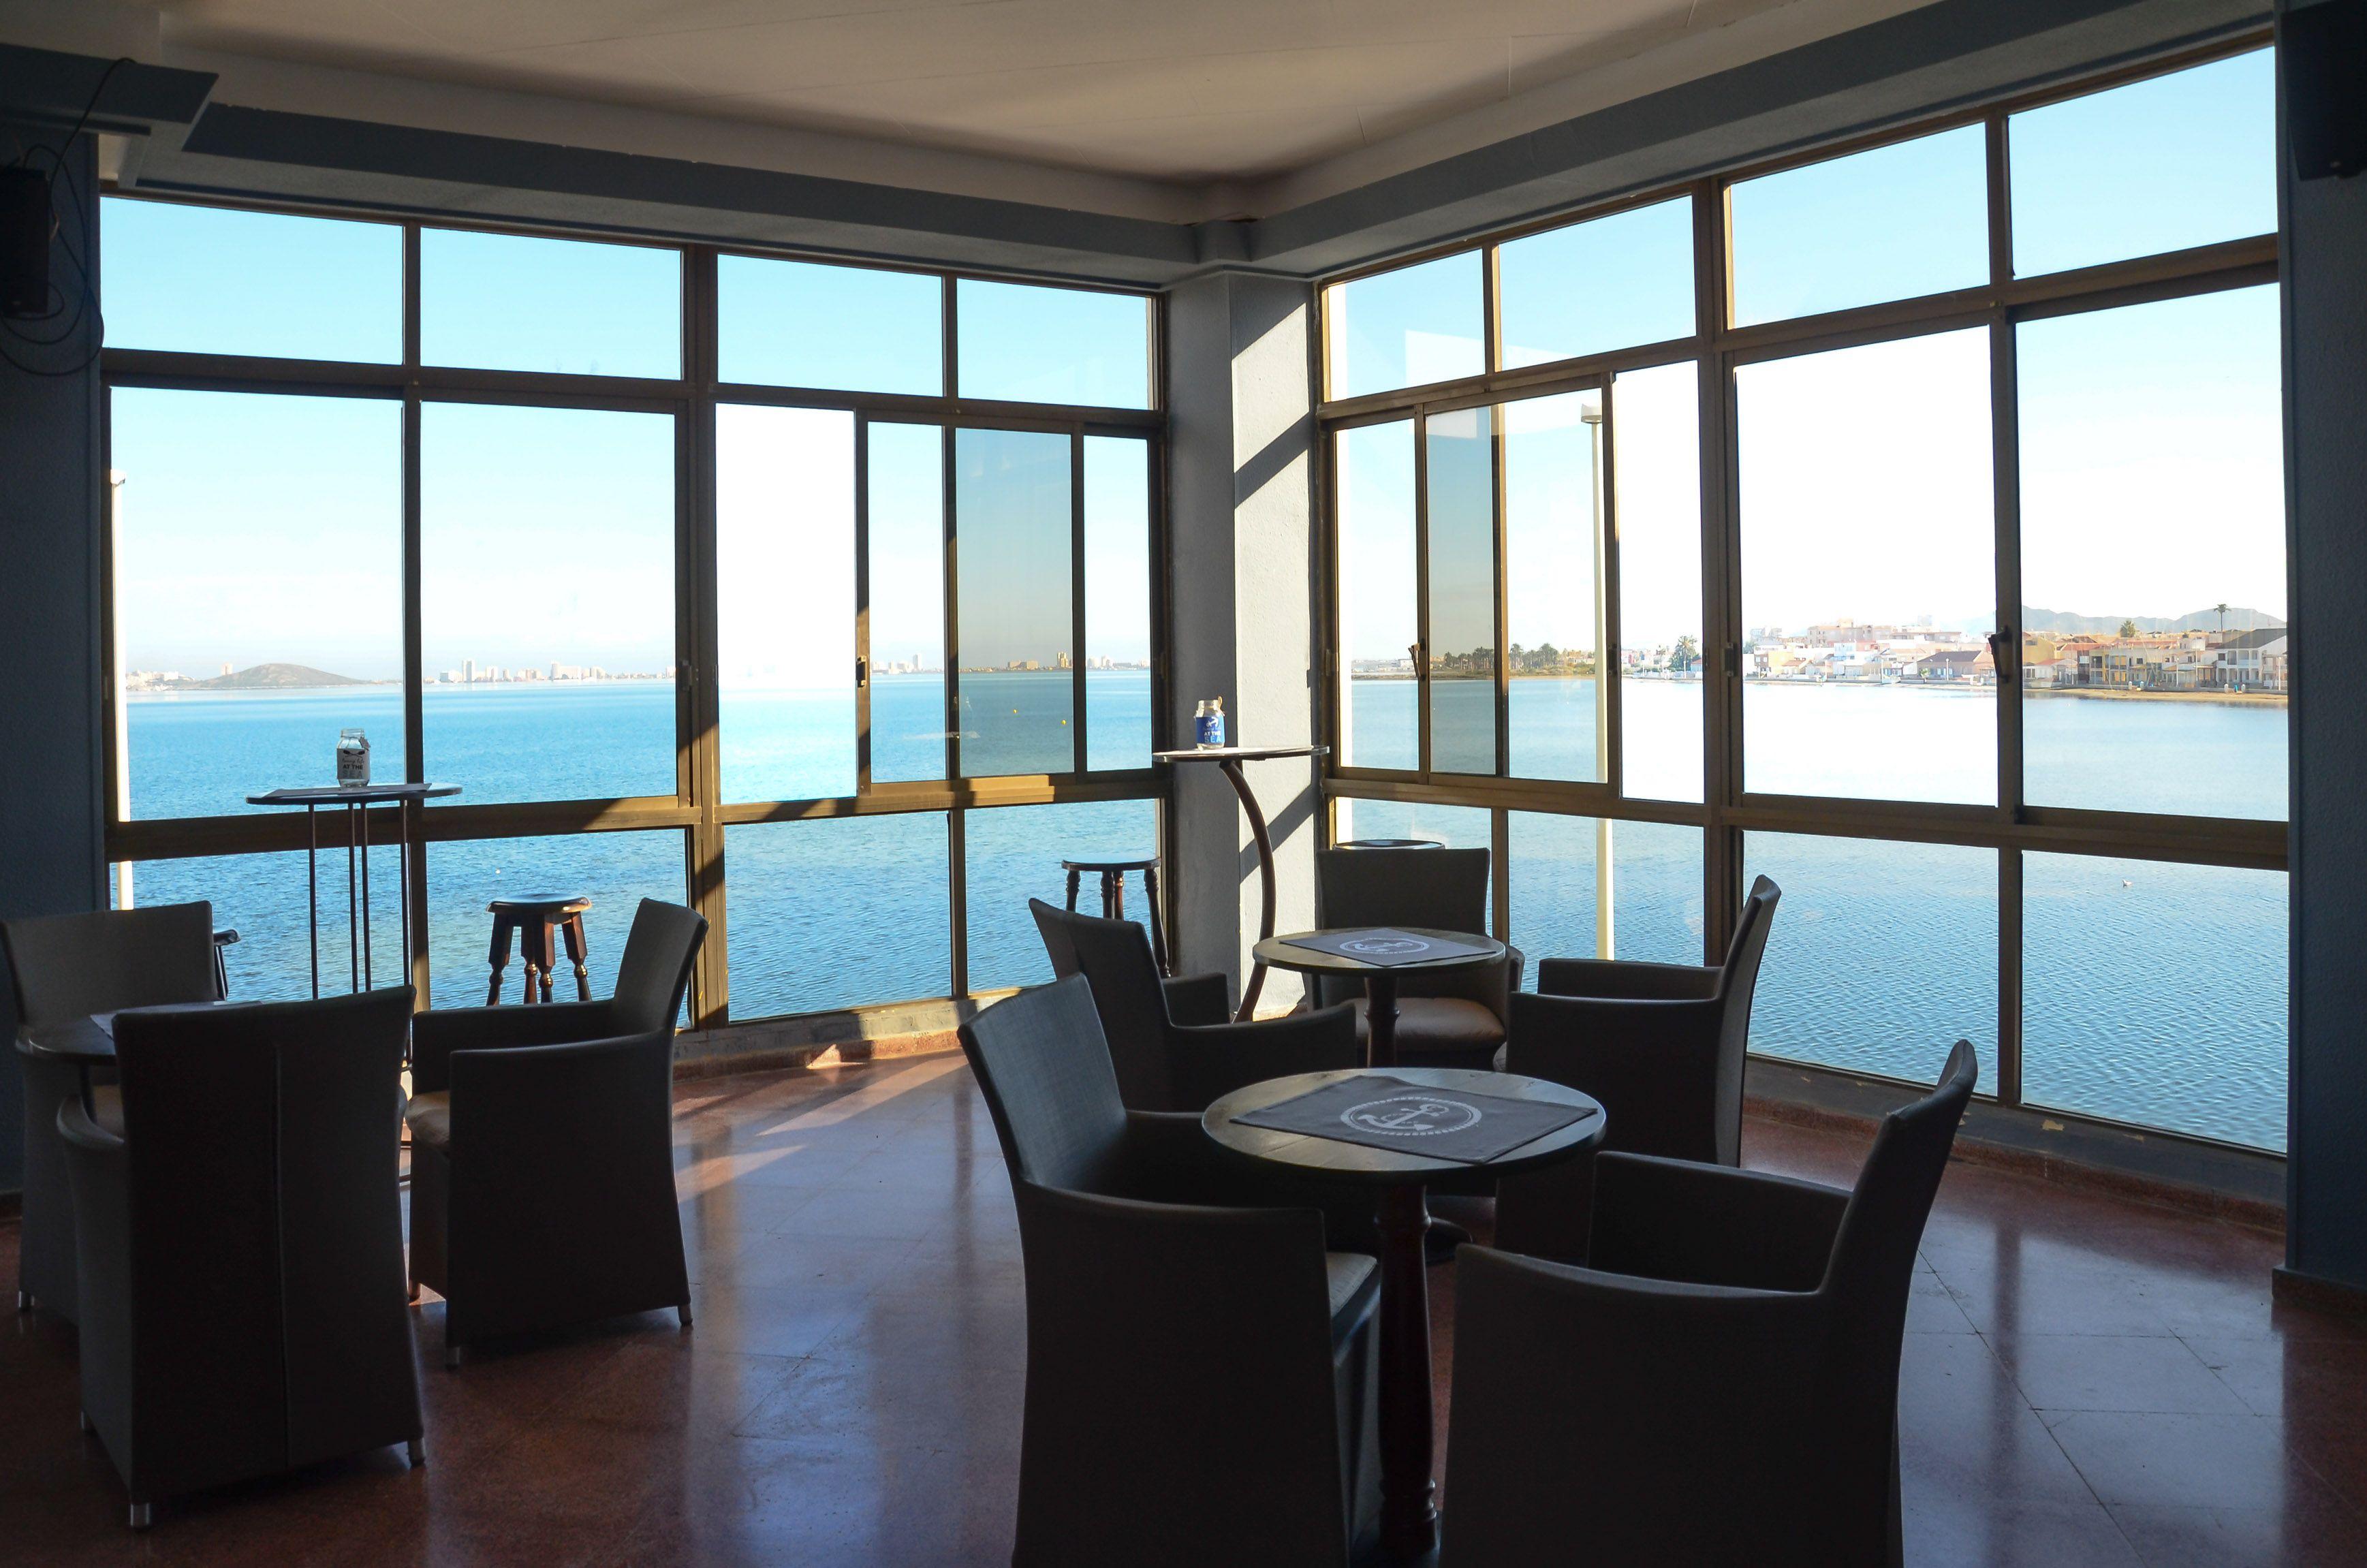 Foto 9 de International kitchen en Los Nietos | Restaurante Club Náutico Los Nietos